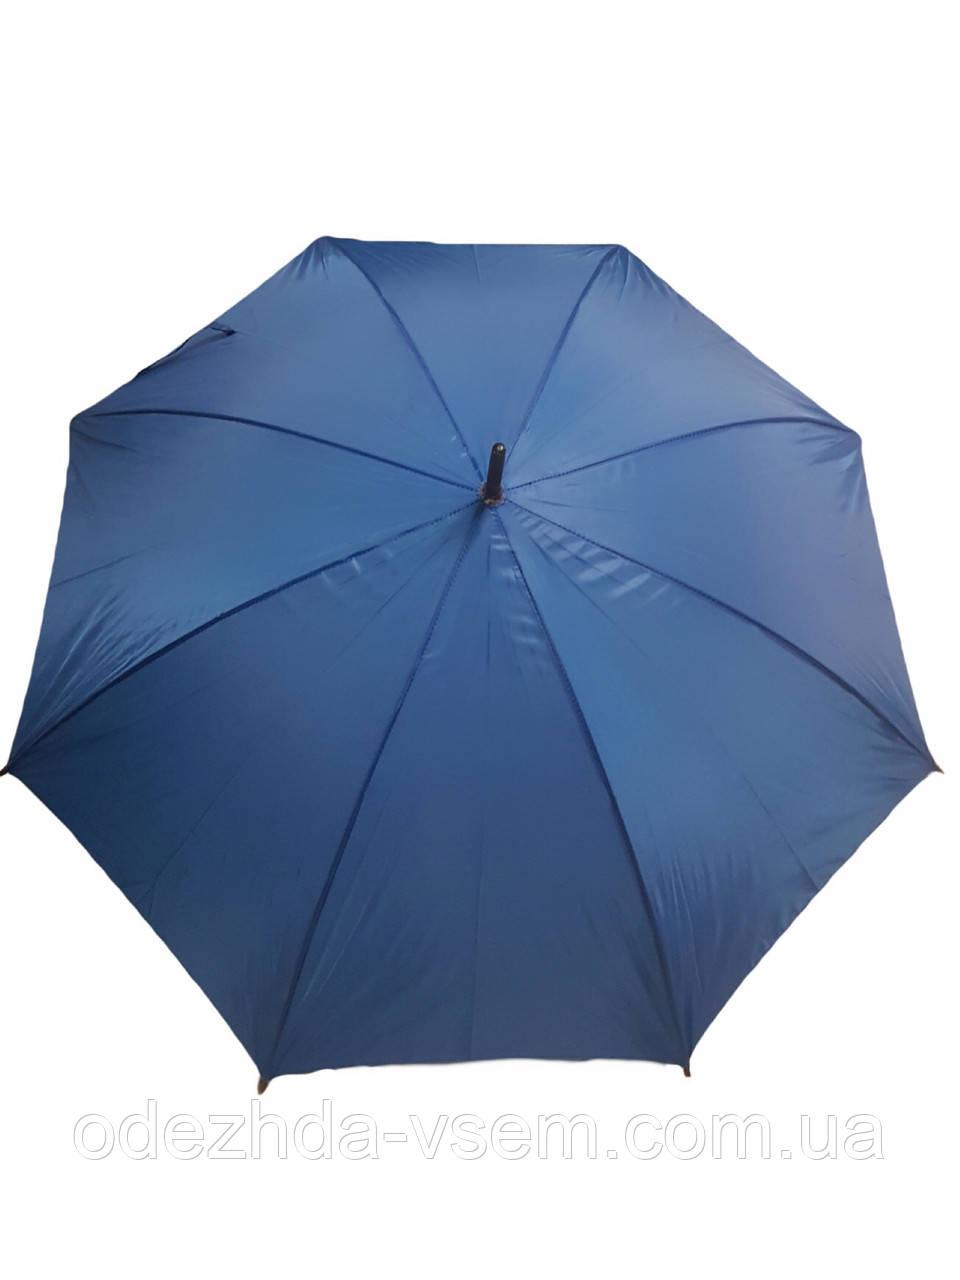 Синій Зонт Трость